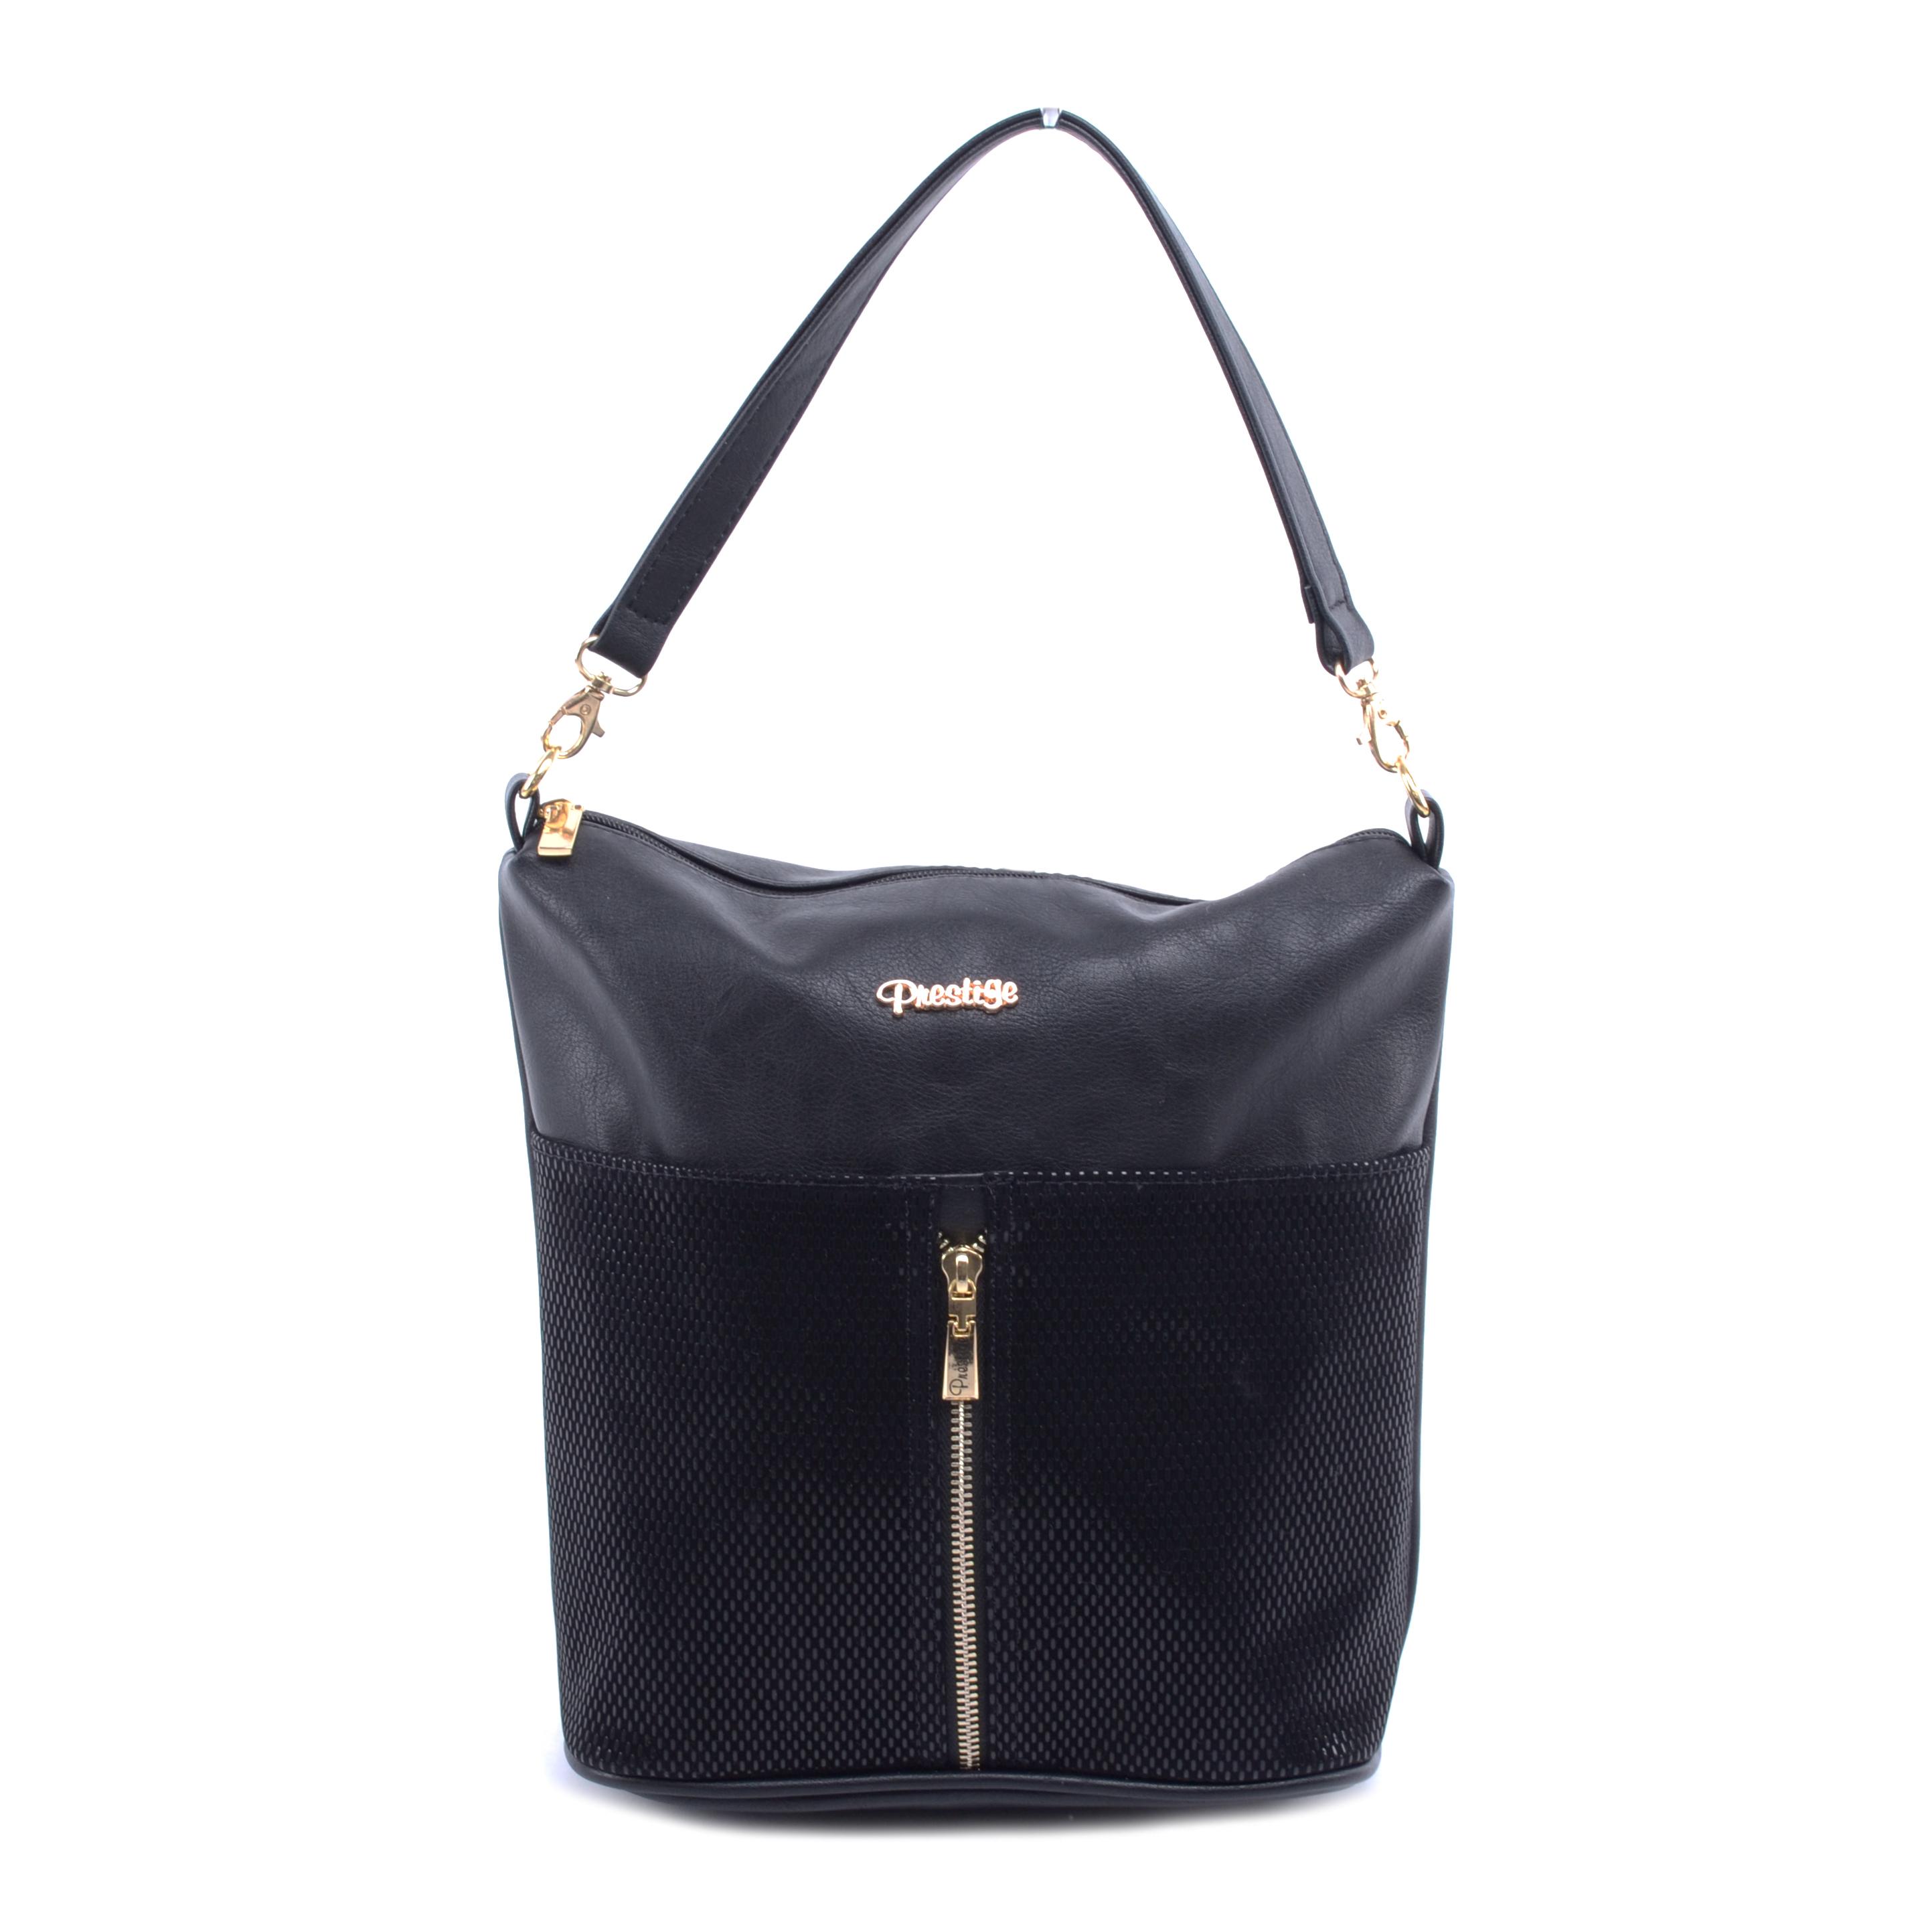 Prestige Női Műbőr-Velúr Válltáska Oldaltáska Fekete - Válltáskák - Táska  webáruház - Minőségi táskák mindenkinek 1741e4d6a3